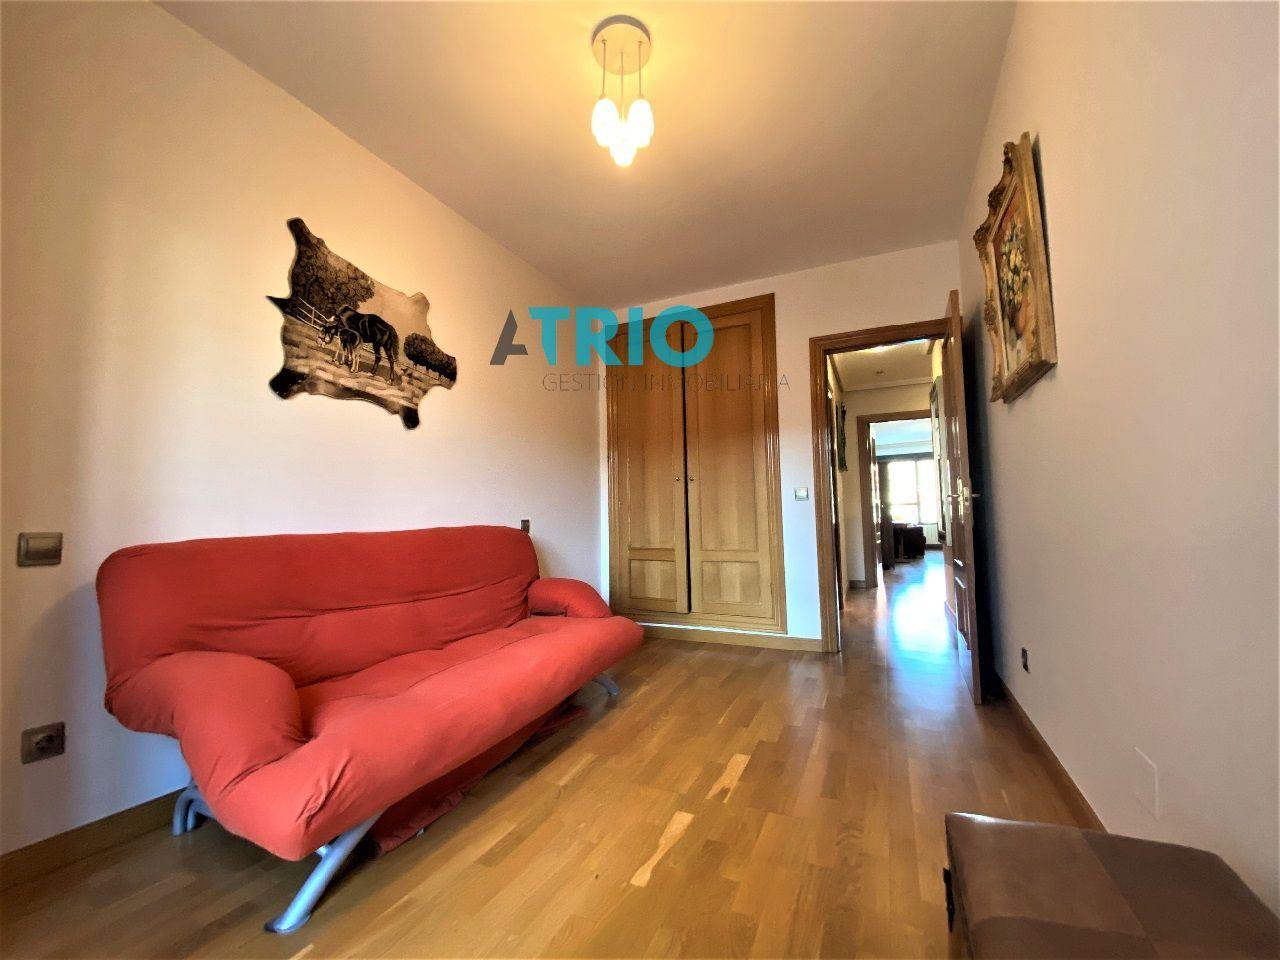 dia.mobiliagestion.es/Portals/inmoatrio/Images/6446/4132112